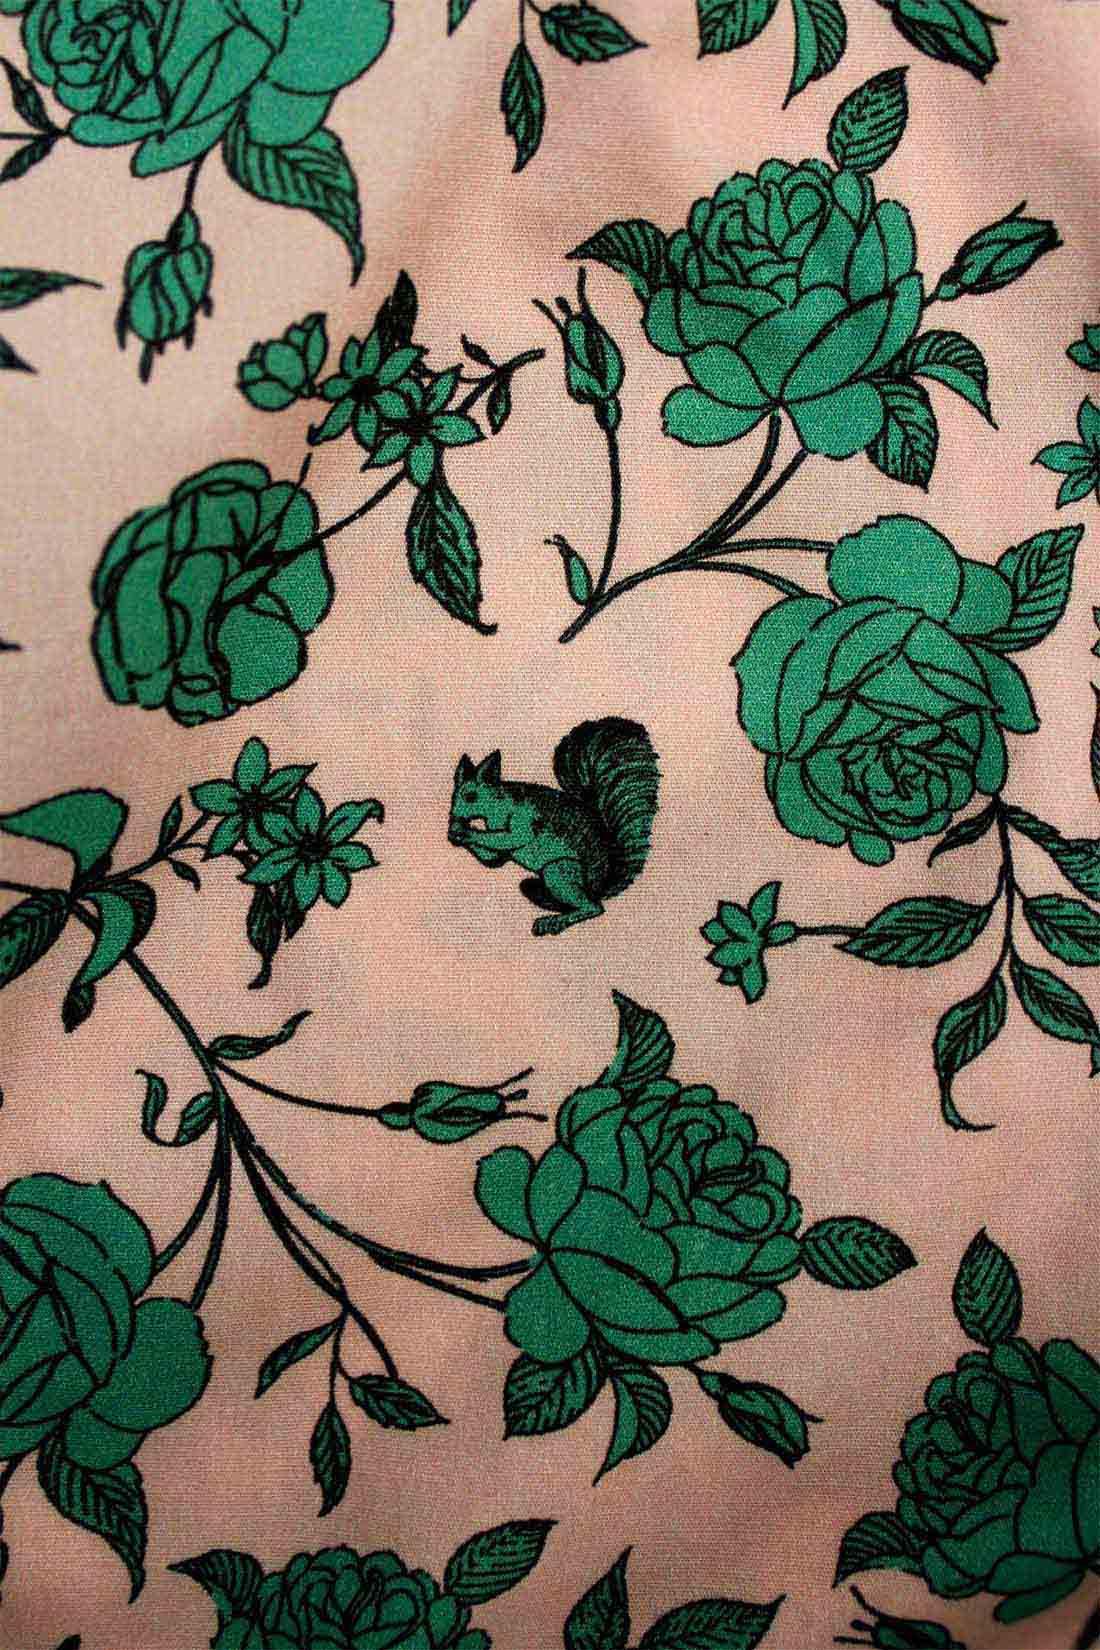 くすんだピンクとグリーンのクラシカルな色合いにキュン♪